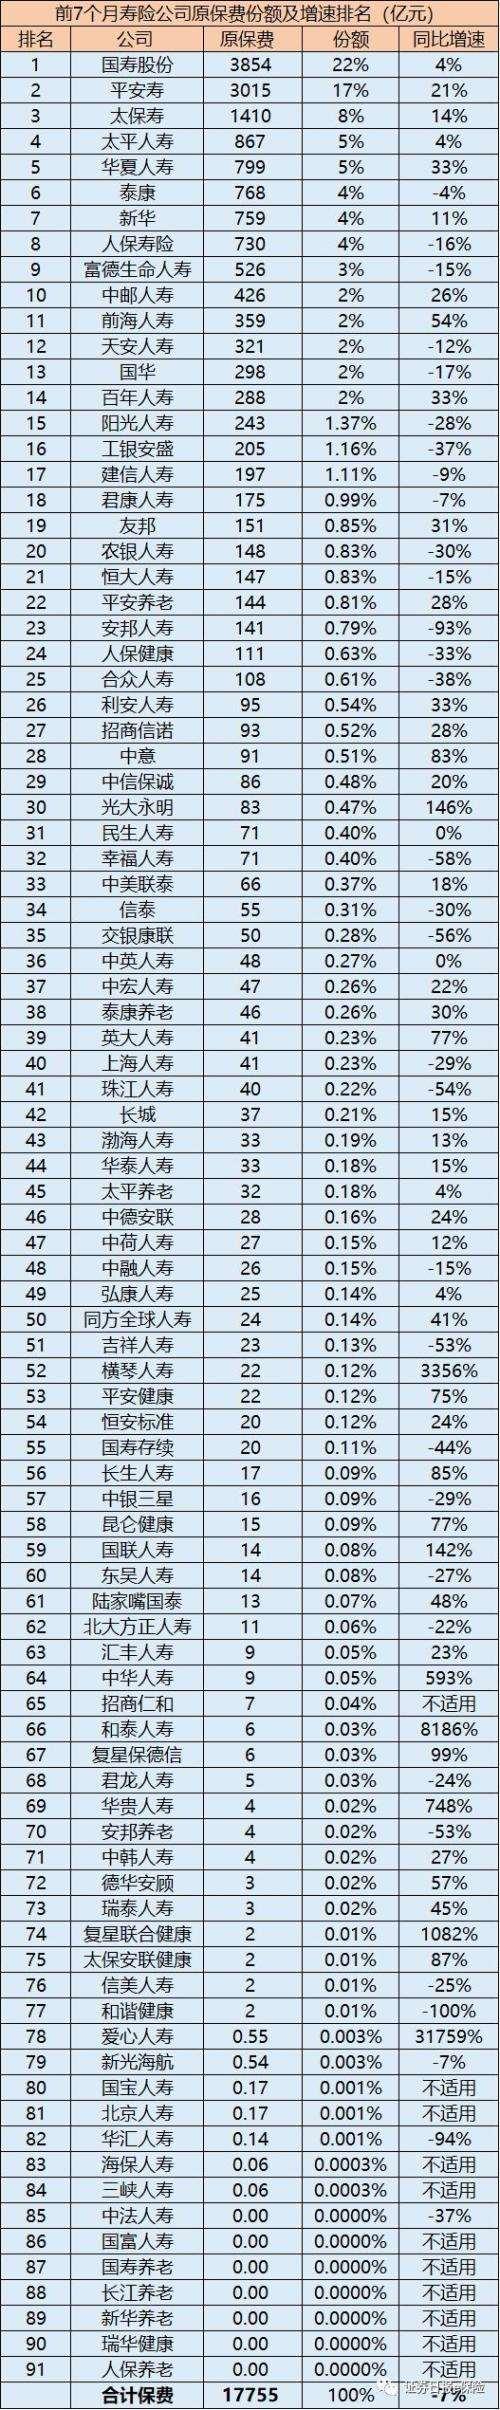 91家寿险公司最新市场份额及增速大排名出炉!